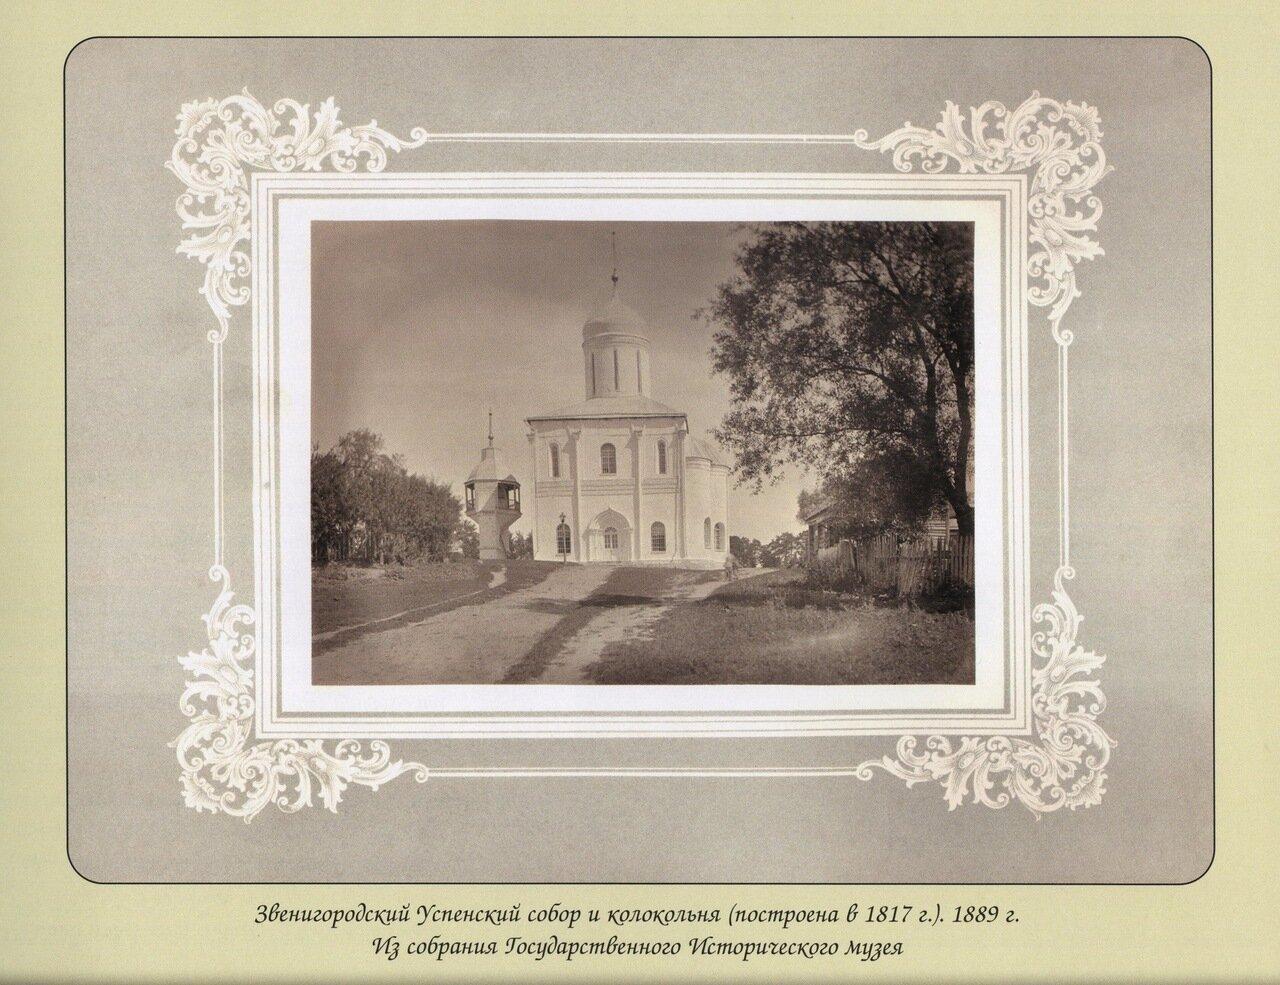 Звенигородский Успенский собор и колокольня. 1889